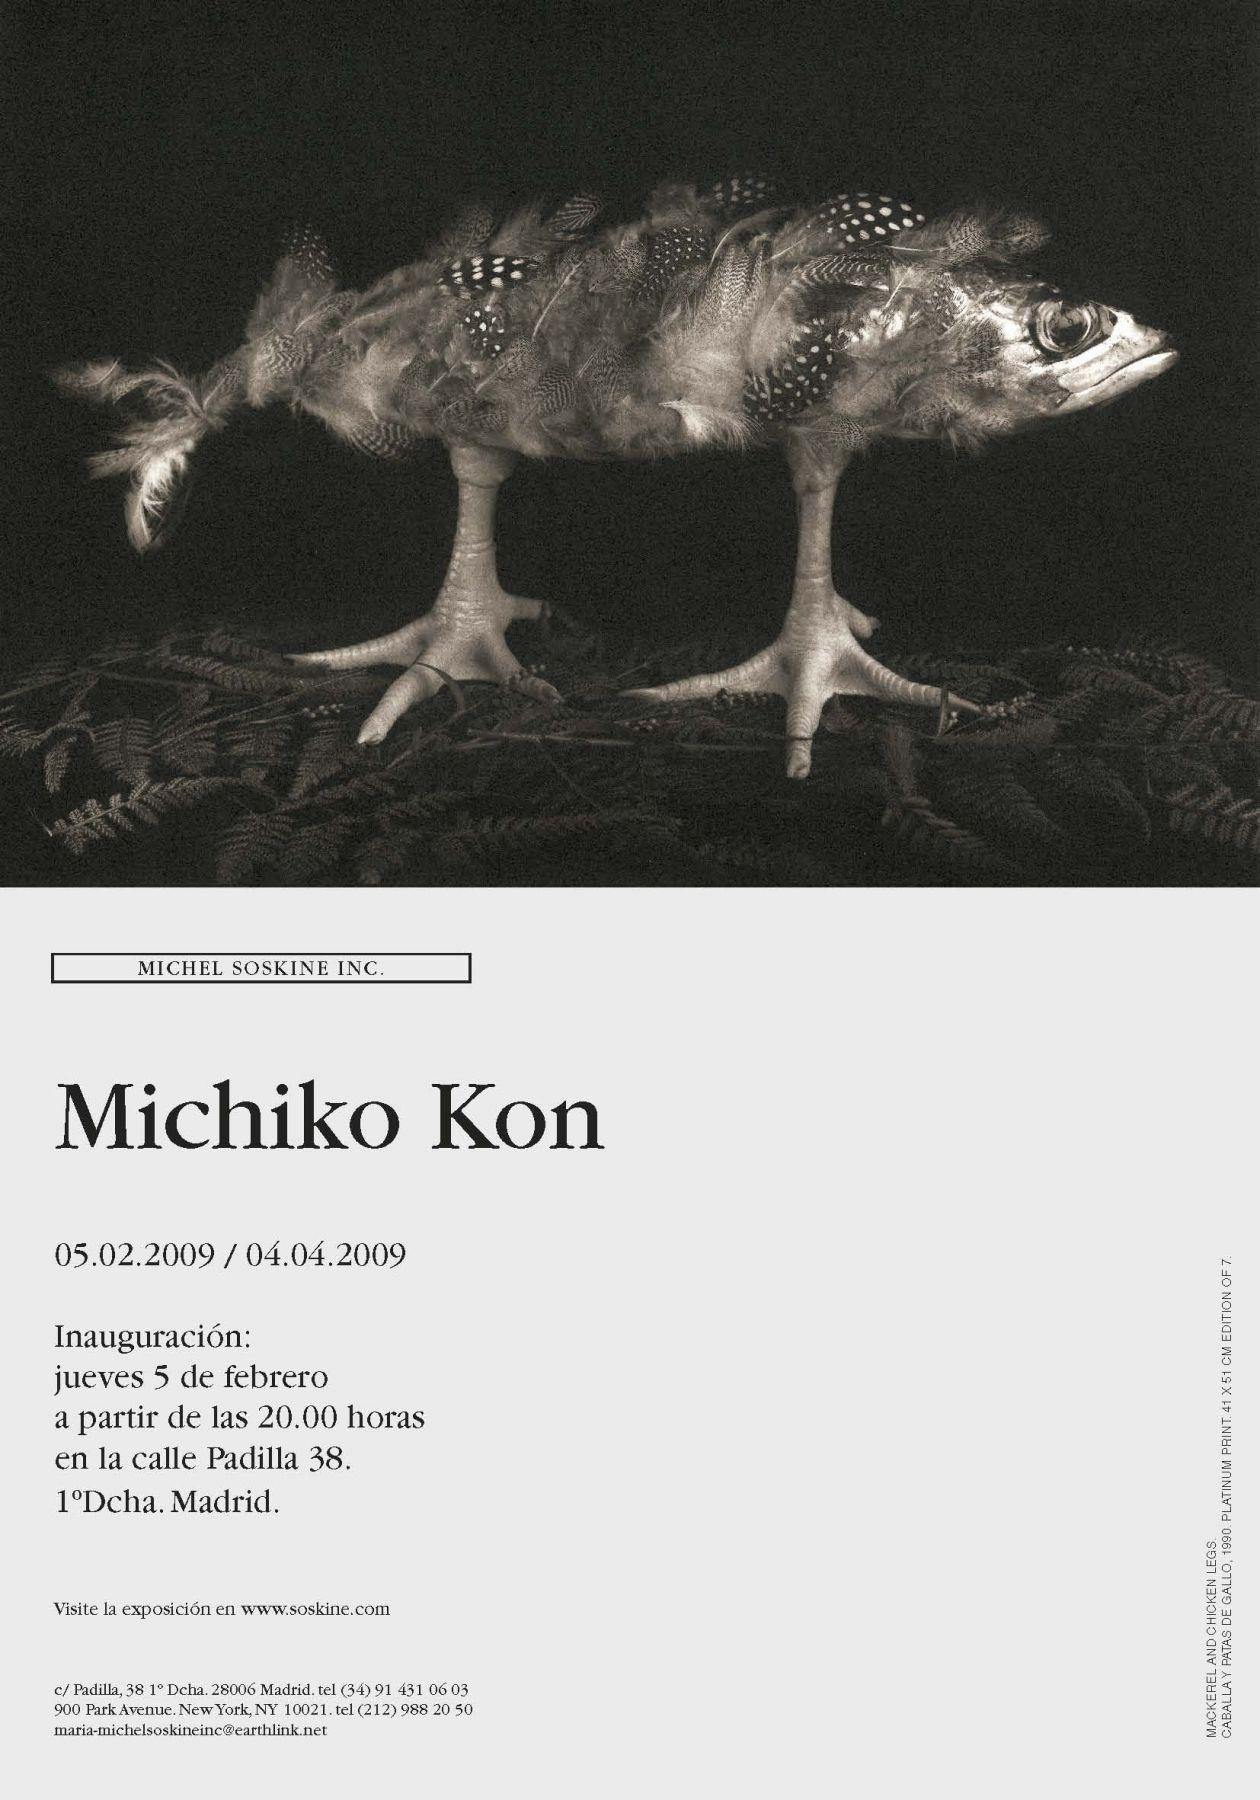 MICHIKO KON